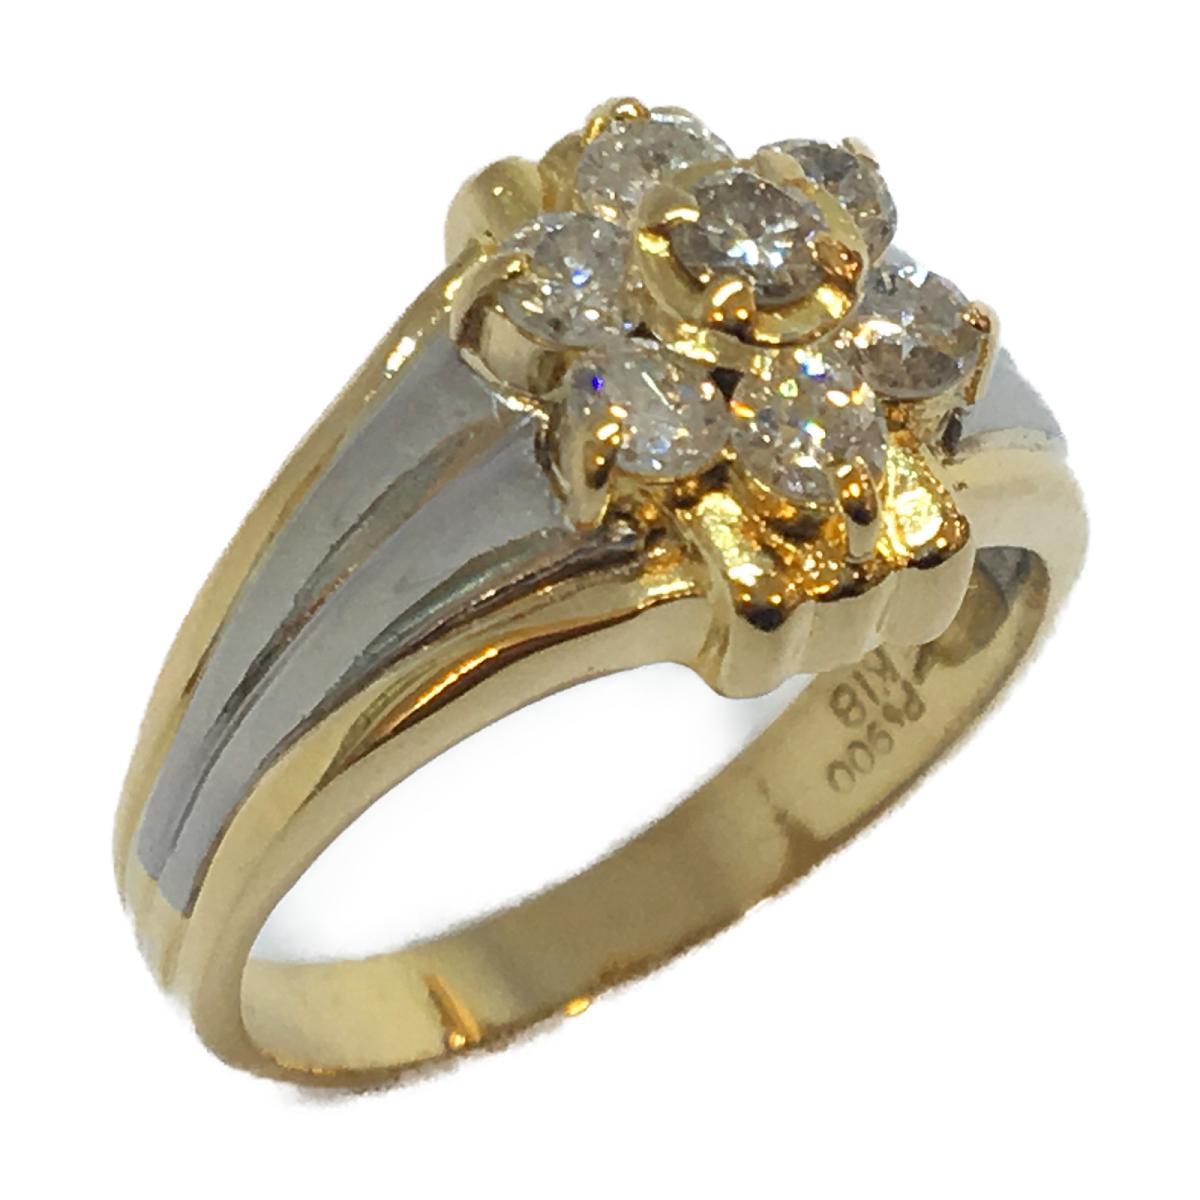 【中古】 ジュエリー ジュエリー ダイヤモンド リング 指輪 メンズ レディース K18YG (750) イエローゴールド × PT900 プラチナ × ダイヤモンド (0.6ct) | JEWELRY リング リング K18 18K 18金 美品 ブランドオフ BRANDOFF